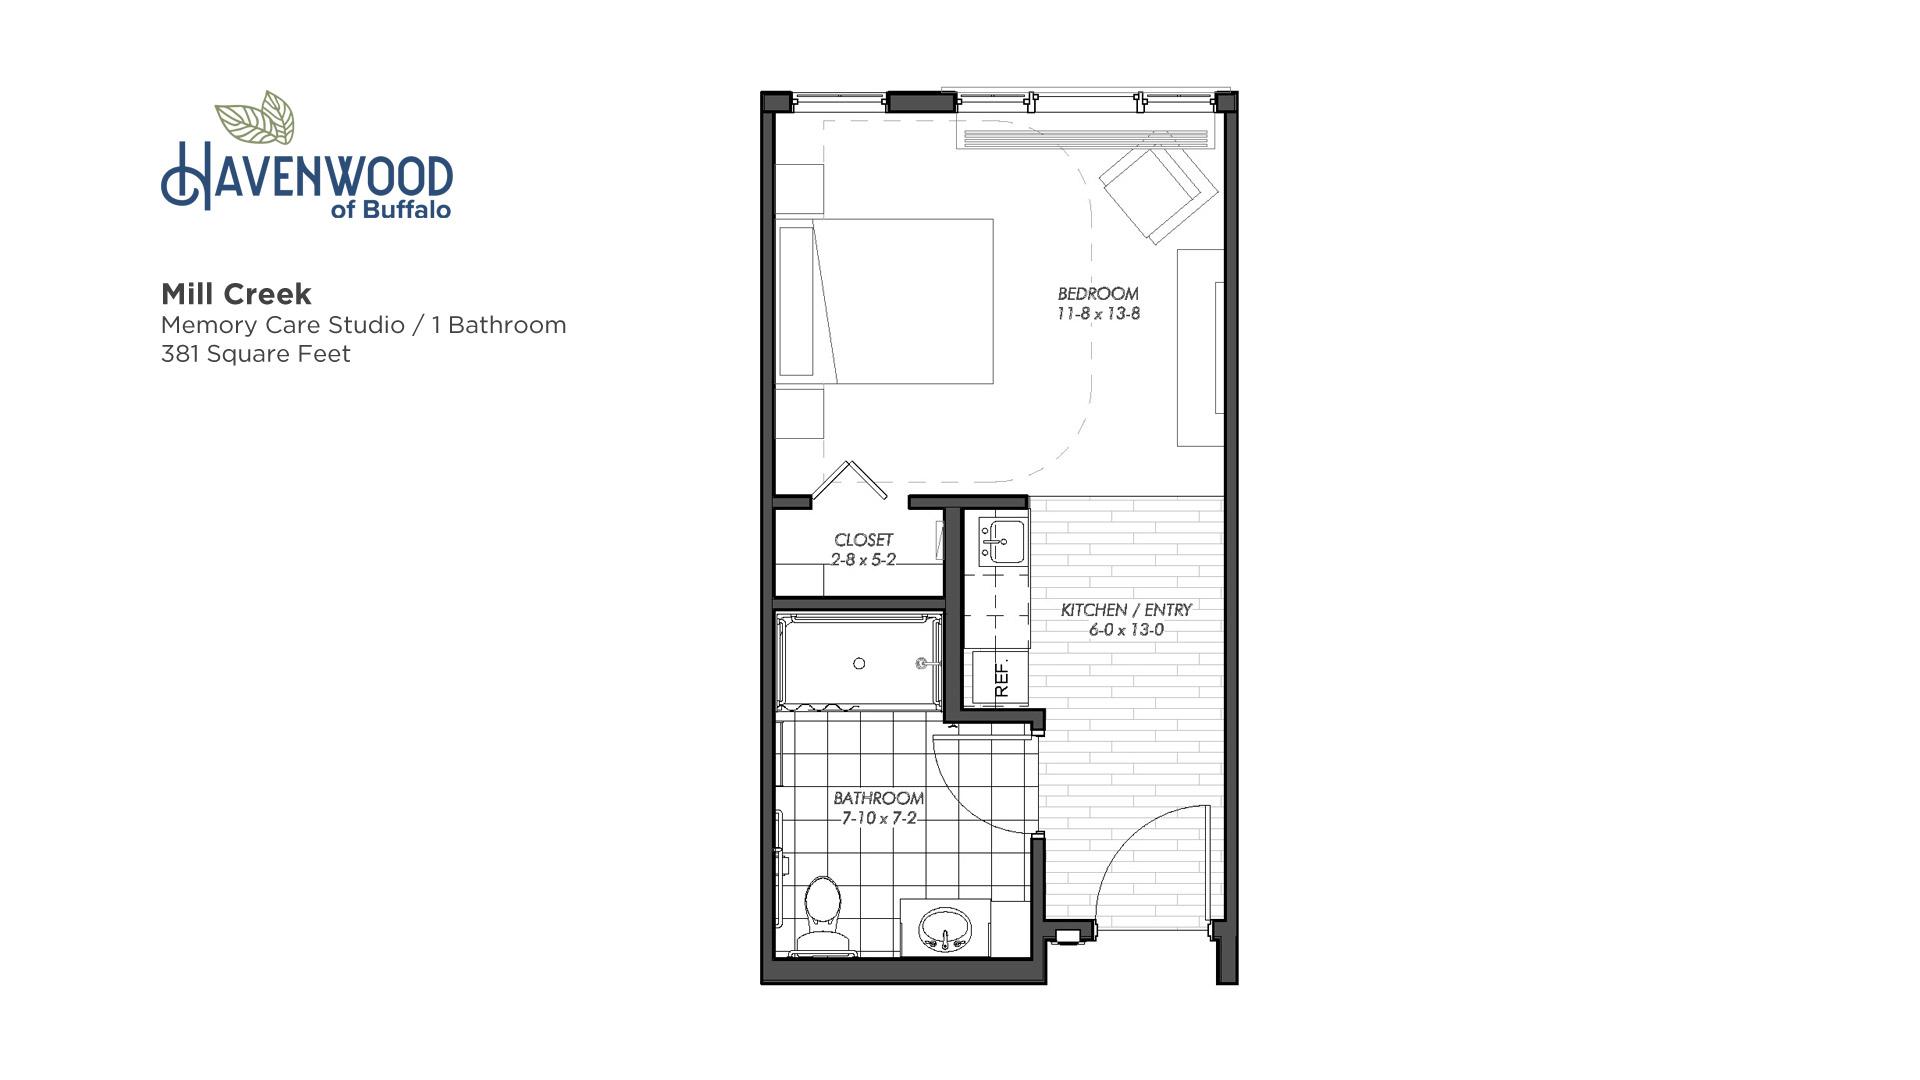 Havenwood of Buffalo Mill Creek Floor Plan